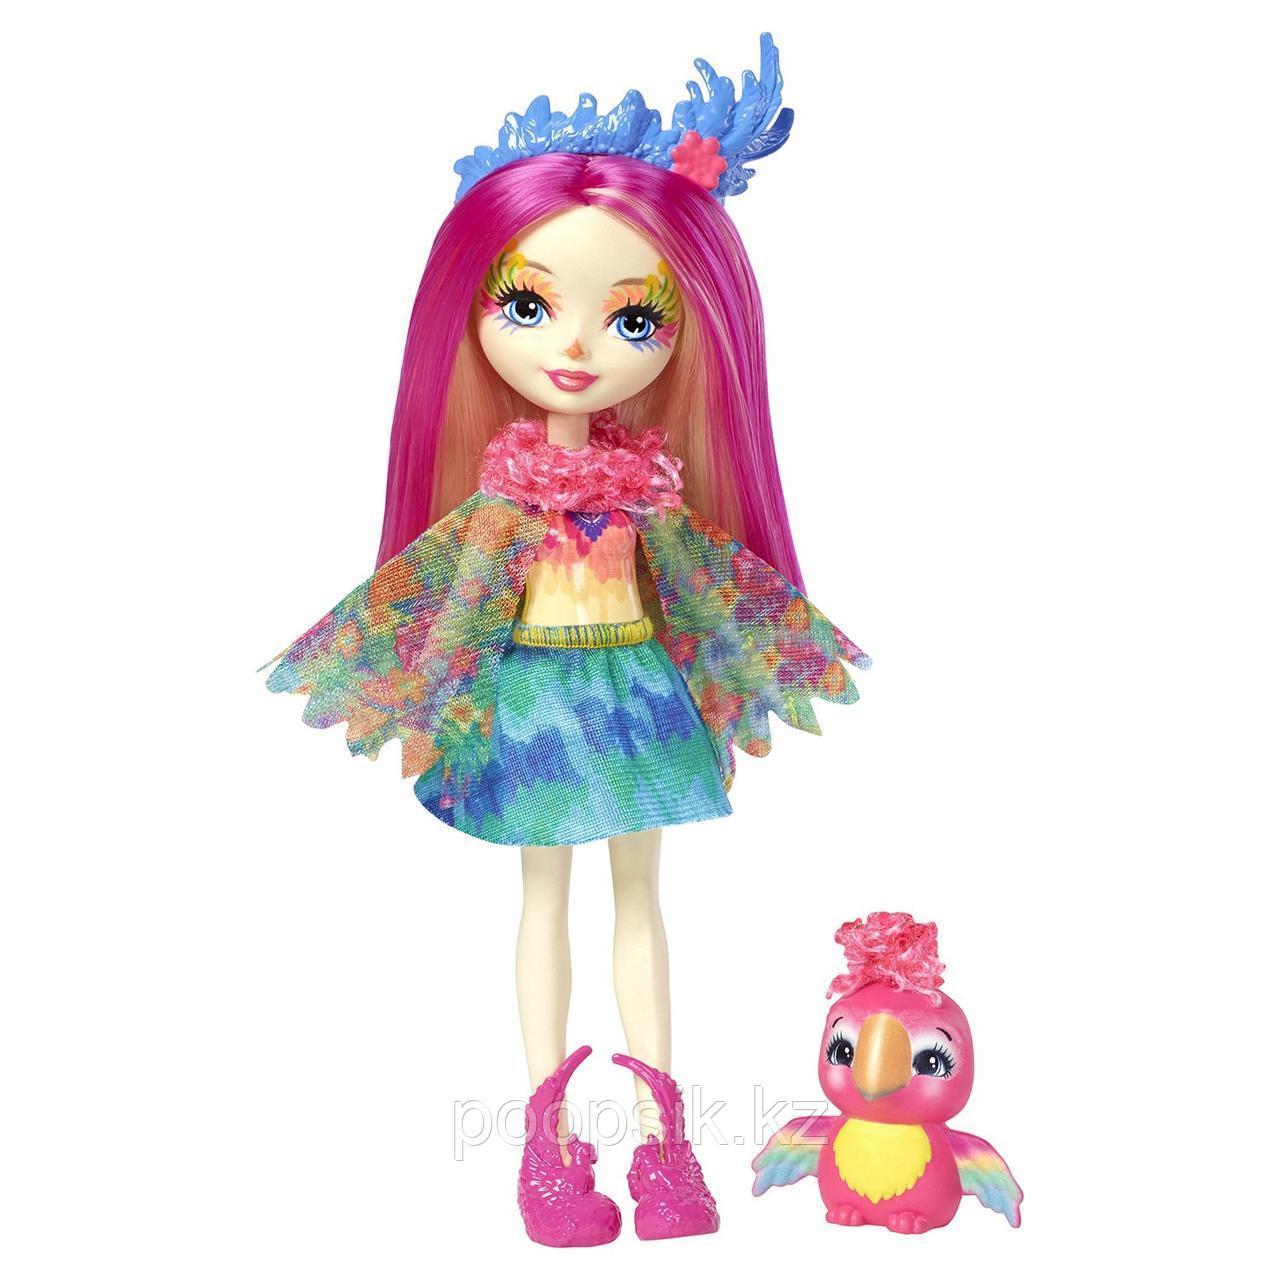 Enchantimals Пикки Какаду с питомцем 15 см, Mattel FJJ21 - фото 5